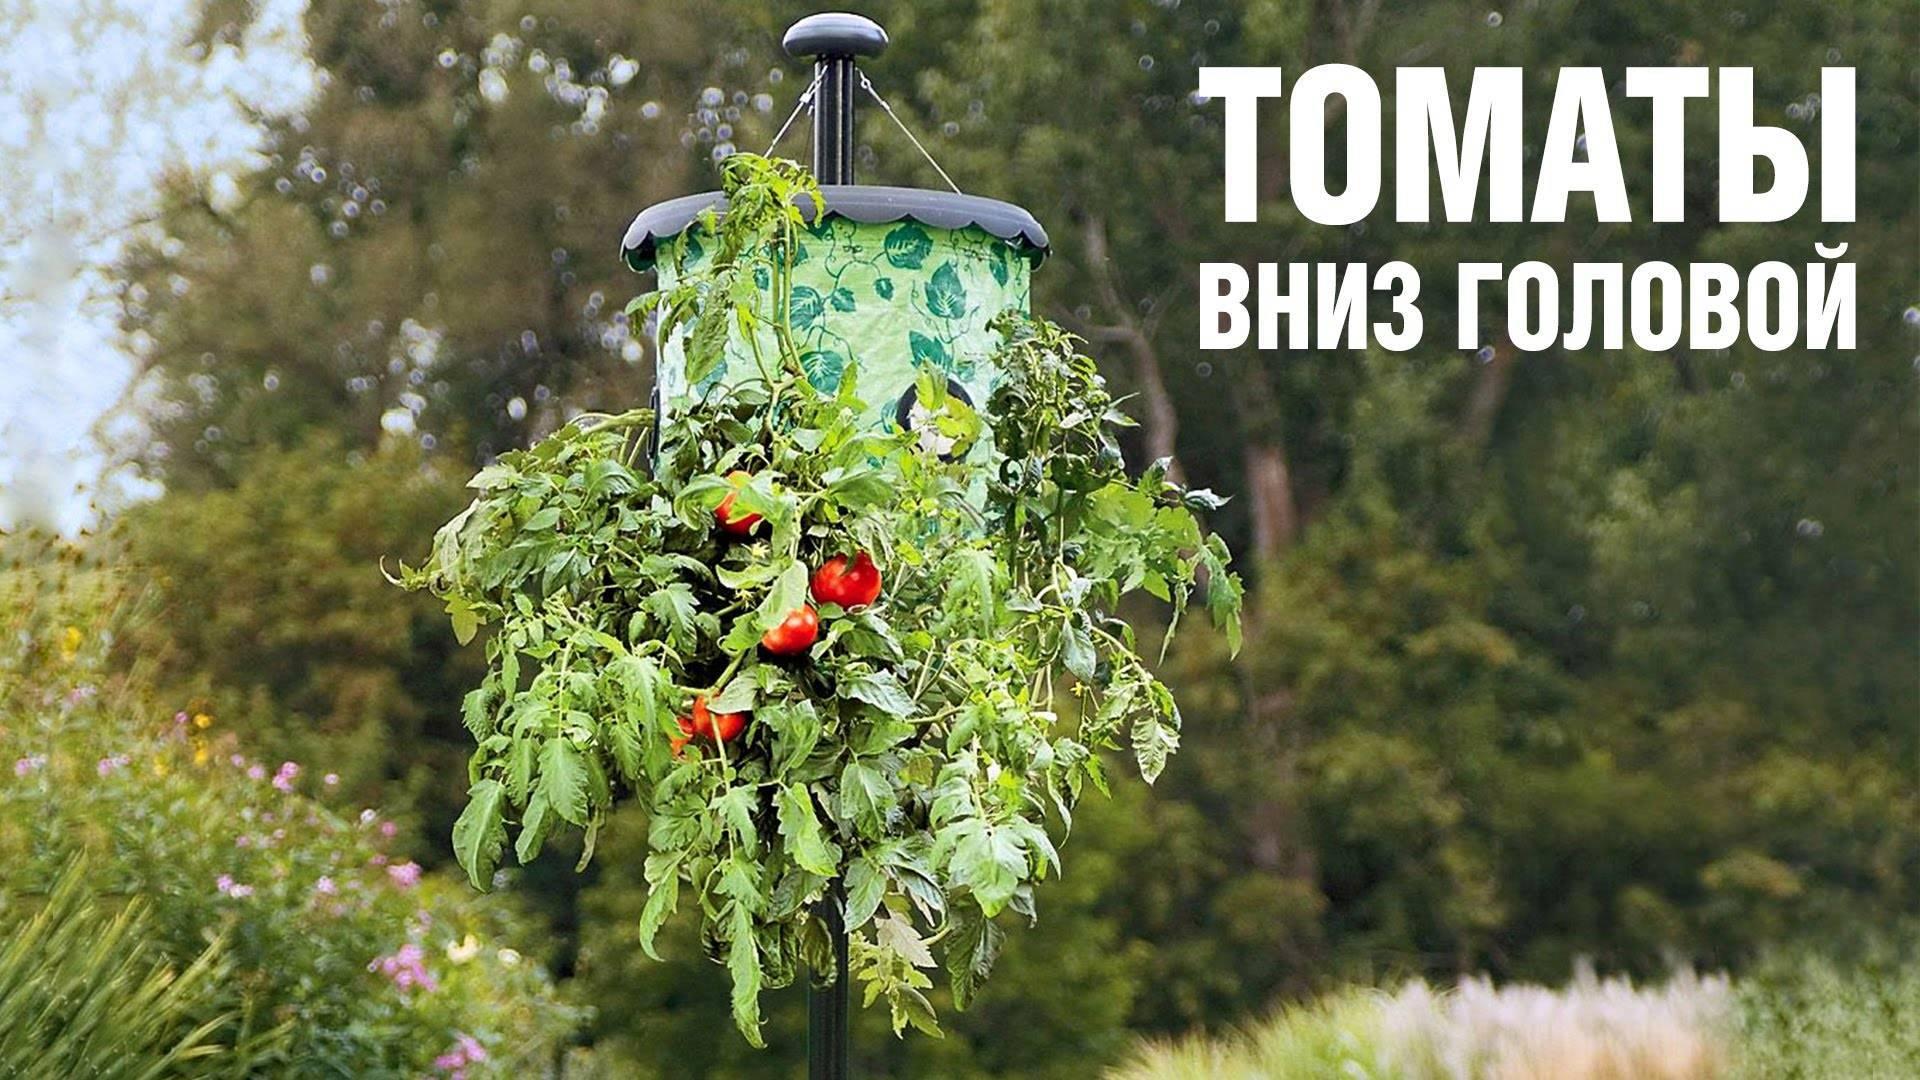 Сажаем наоборот: выращивание томатов вверх тормашками